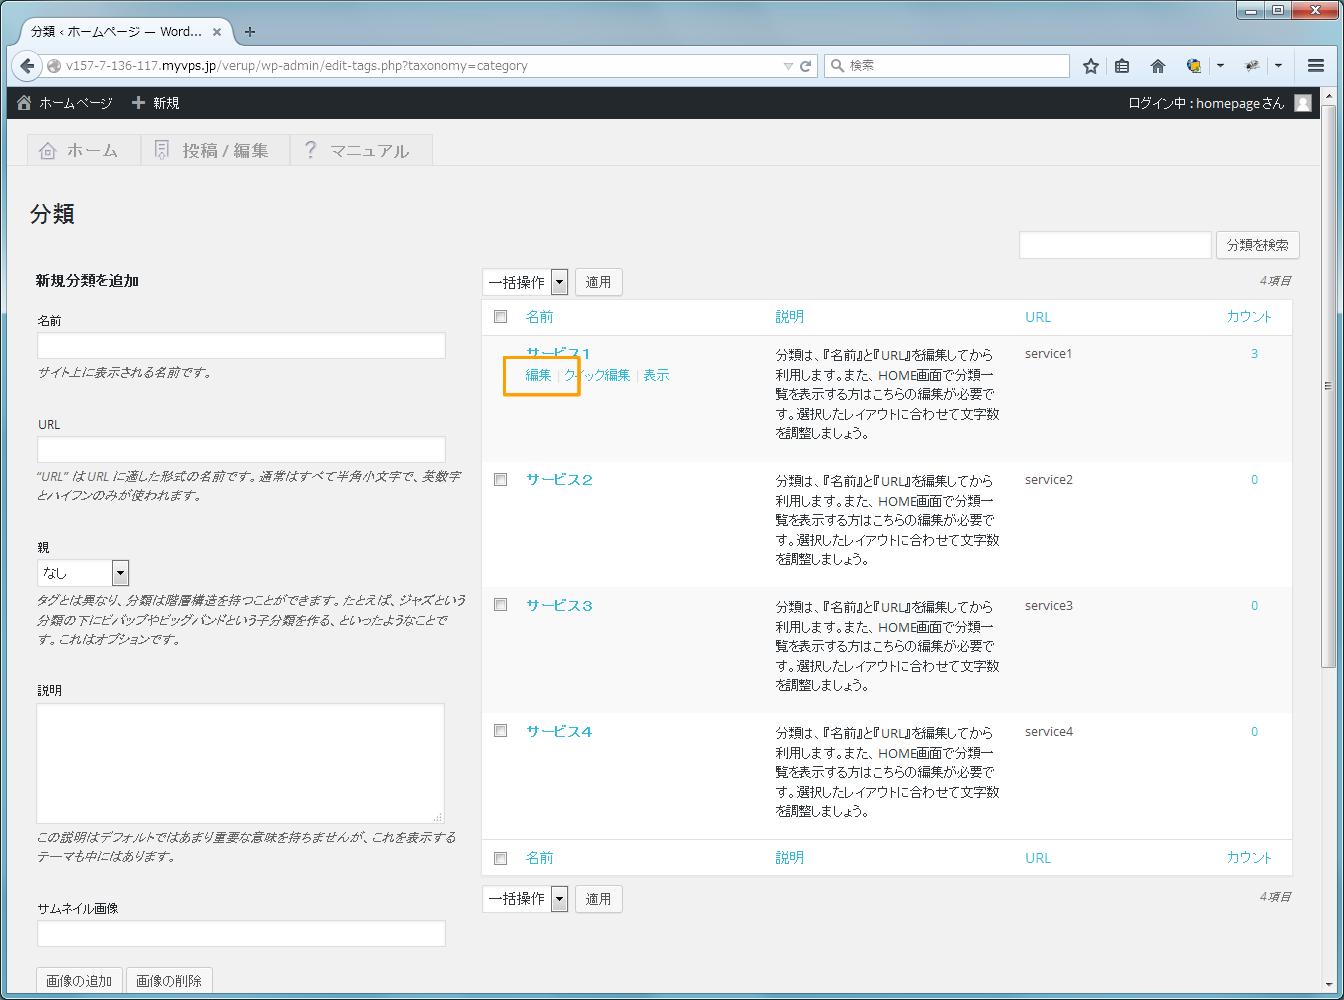 分類追加画面 編集 | 初期費用無料ホームページ作成サイト - FunMaker